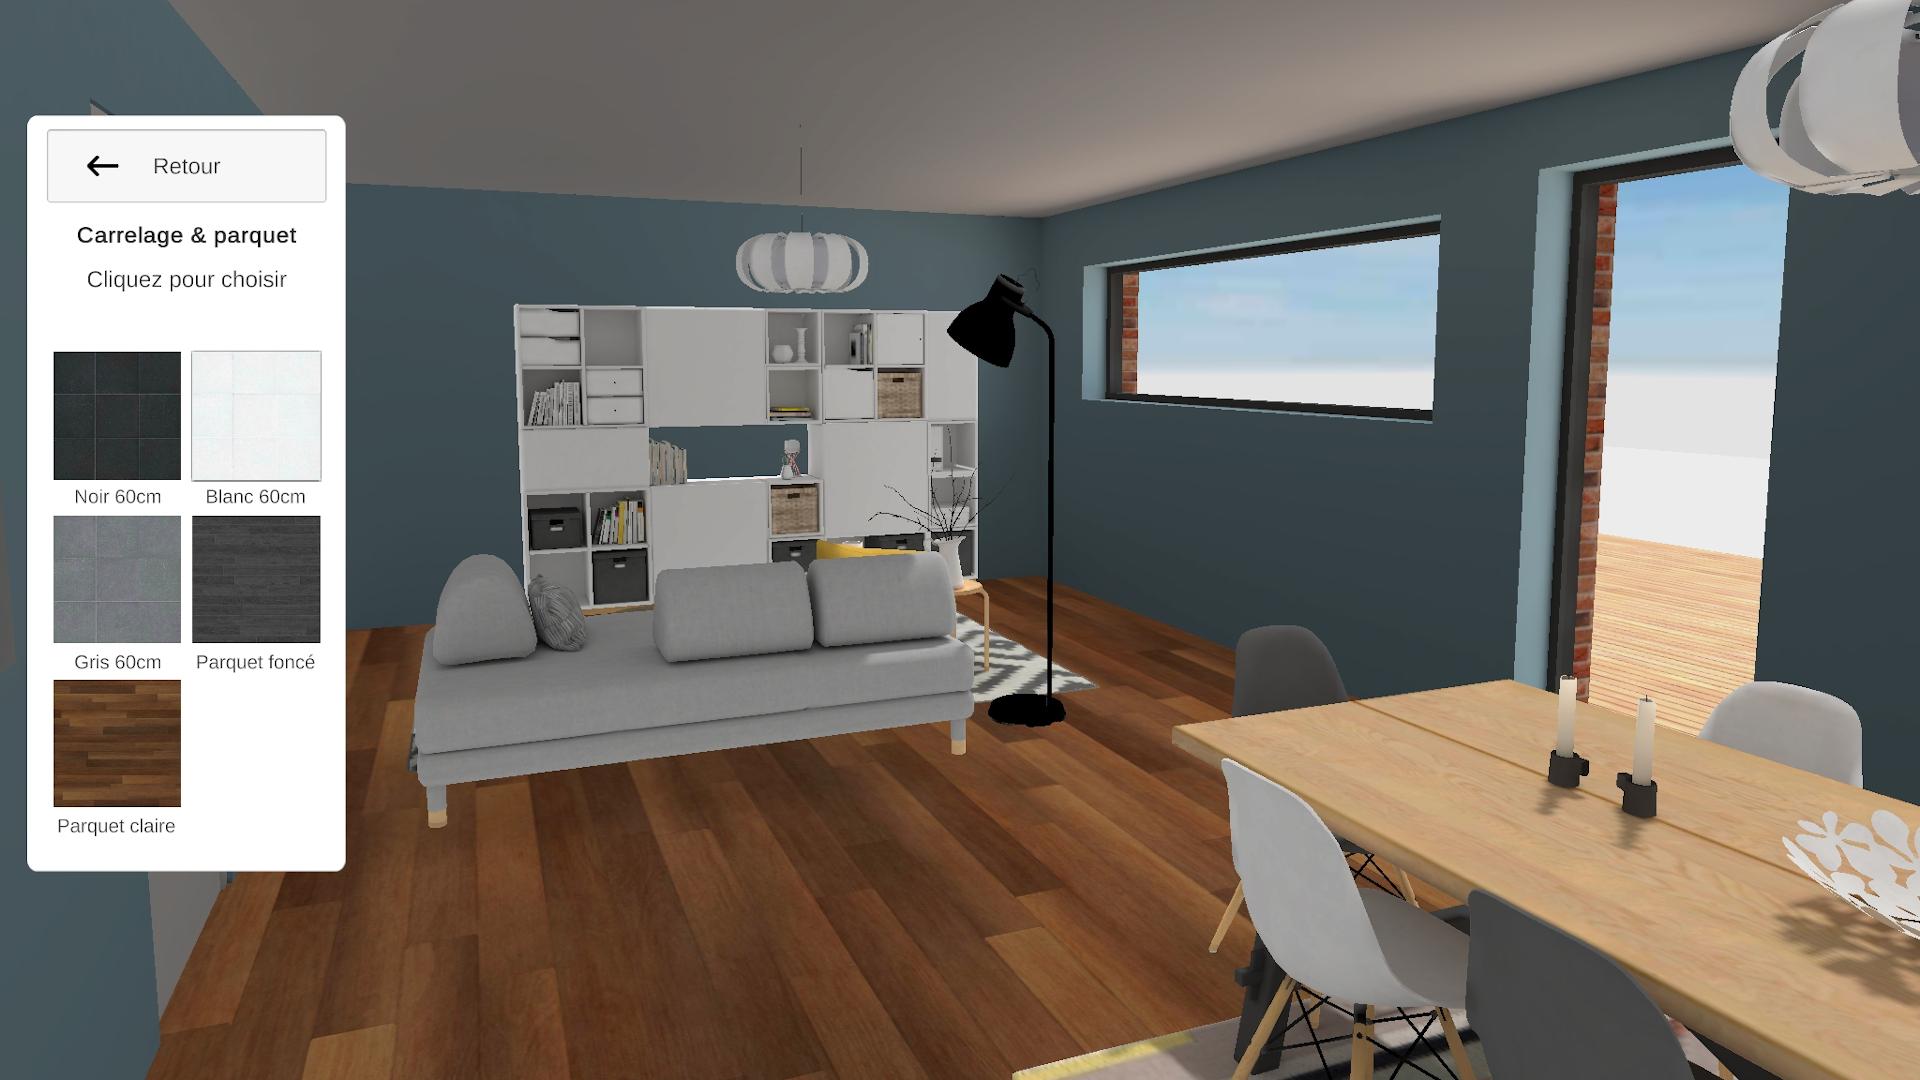 Screen application Maisons d'en Flandre vue salon et changement de parquet